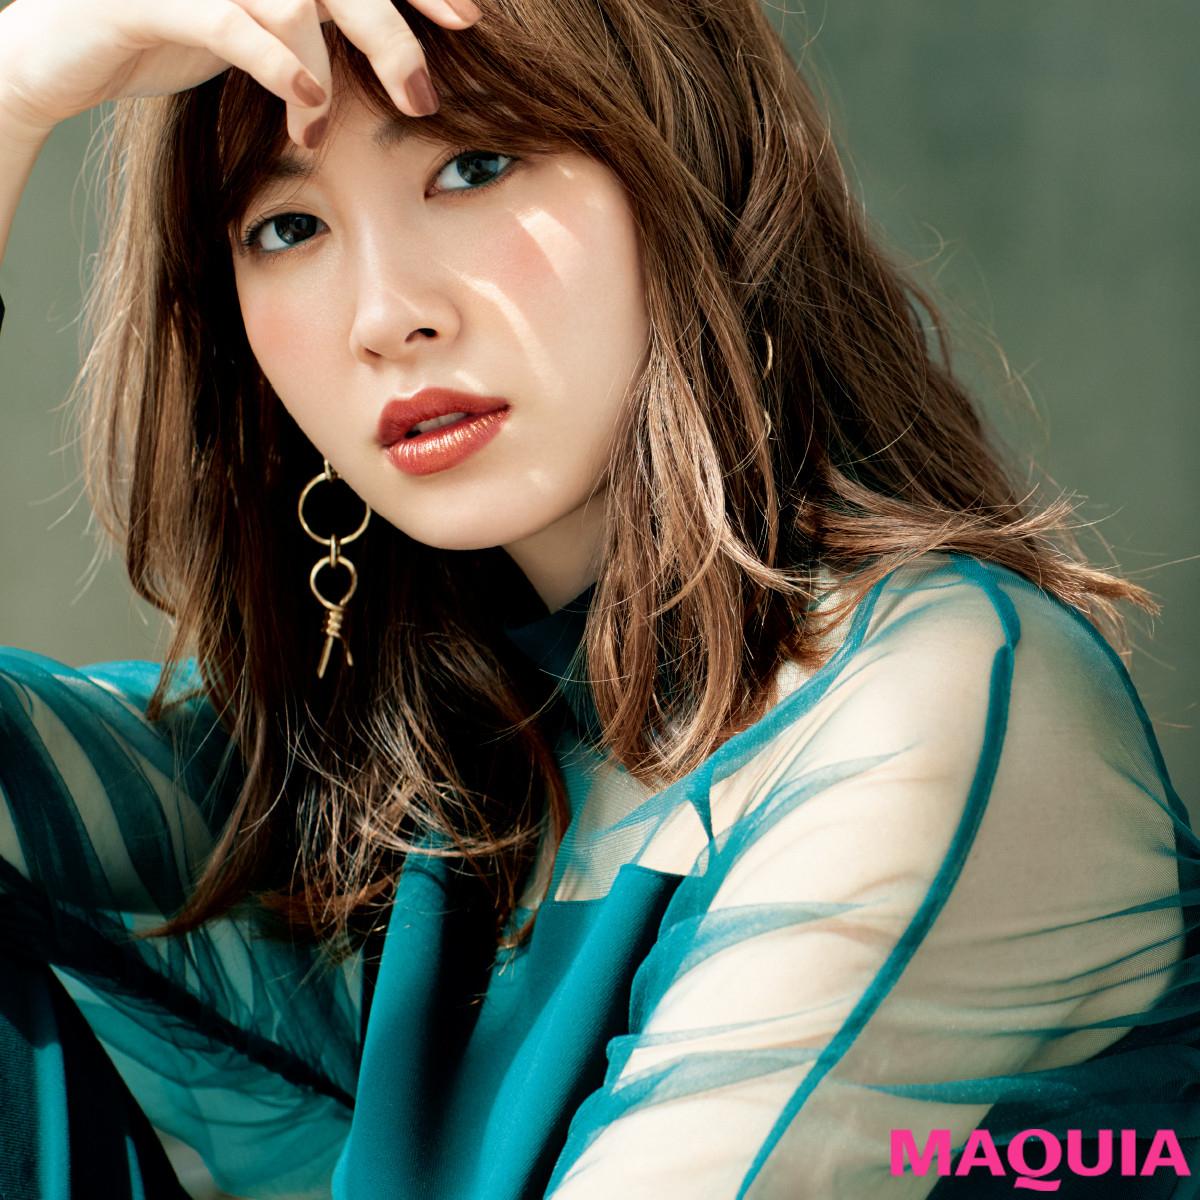 小嶋陽菜さんにインタビュー! 魅せ方上手なこじはるのメイクルールは?